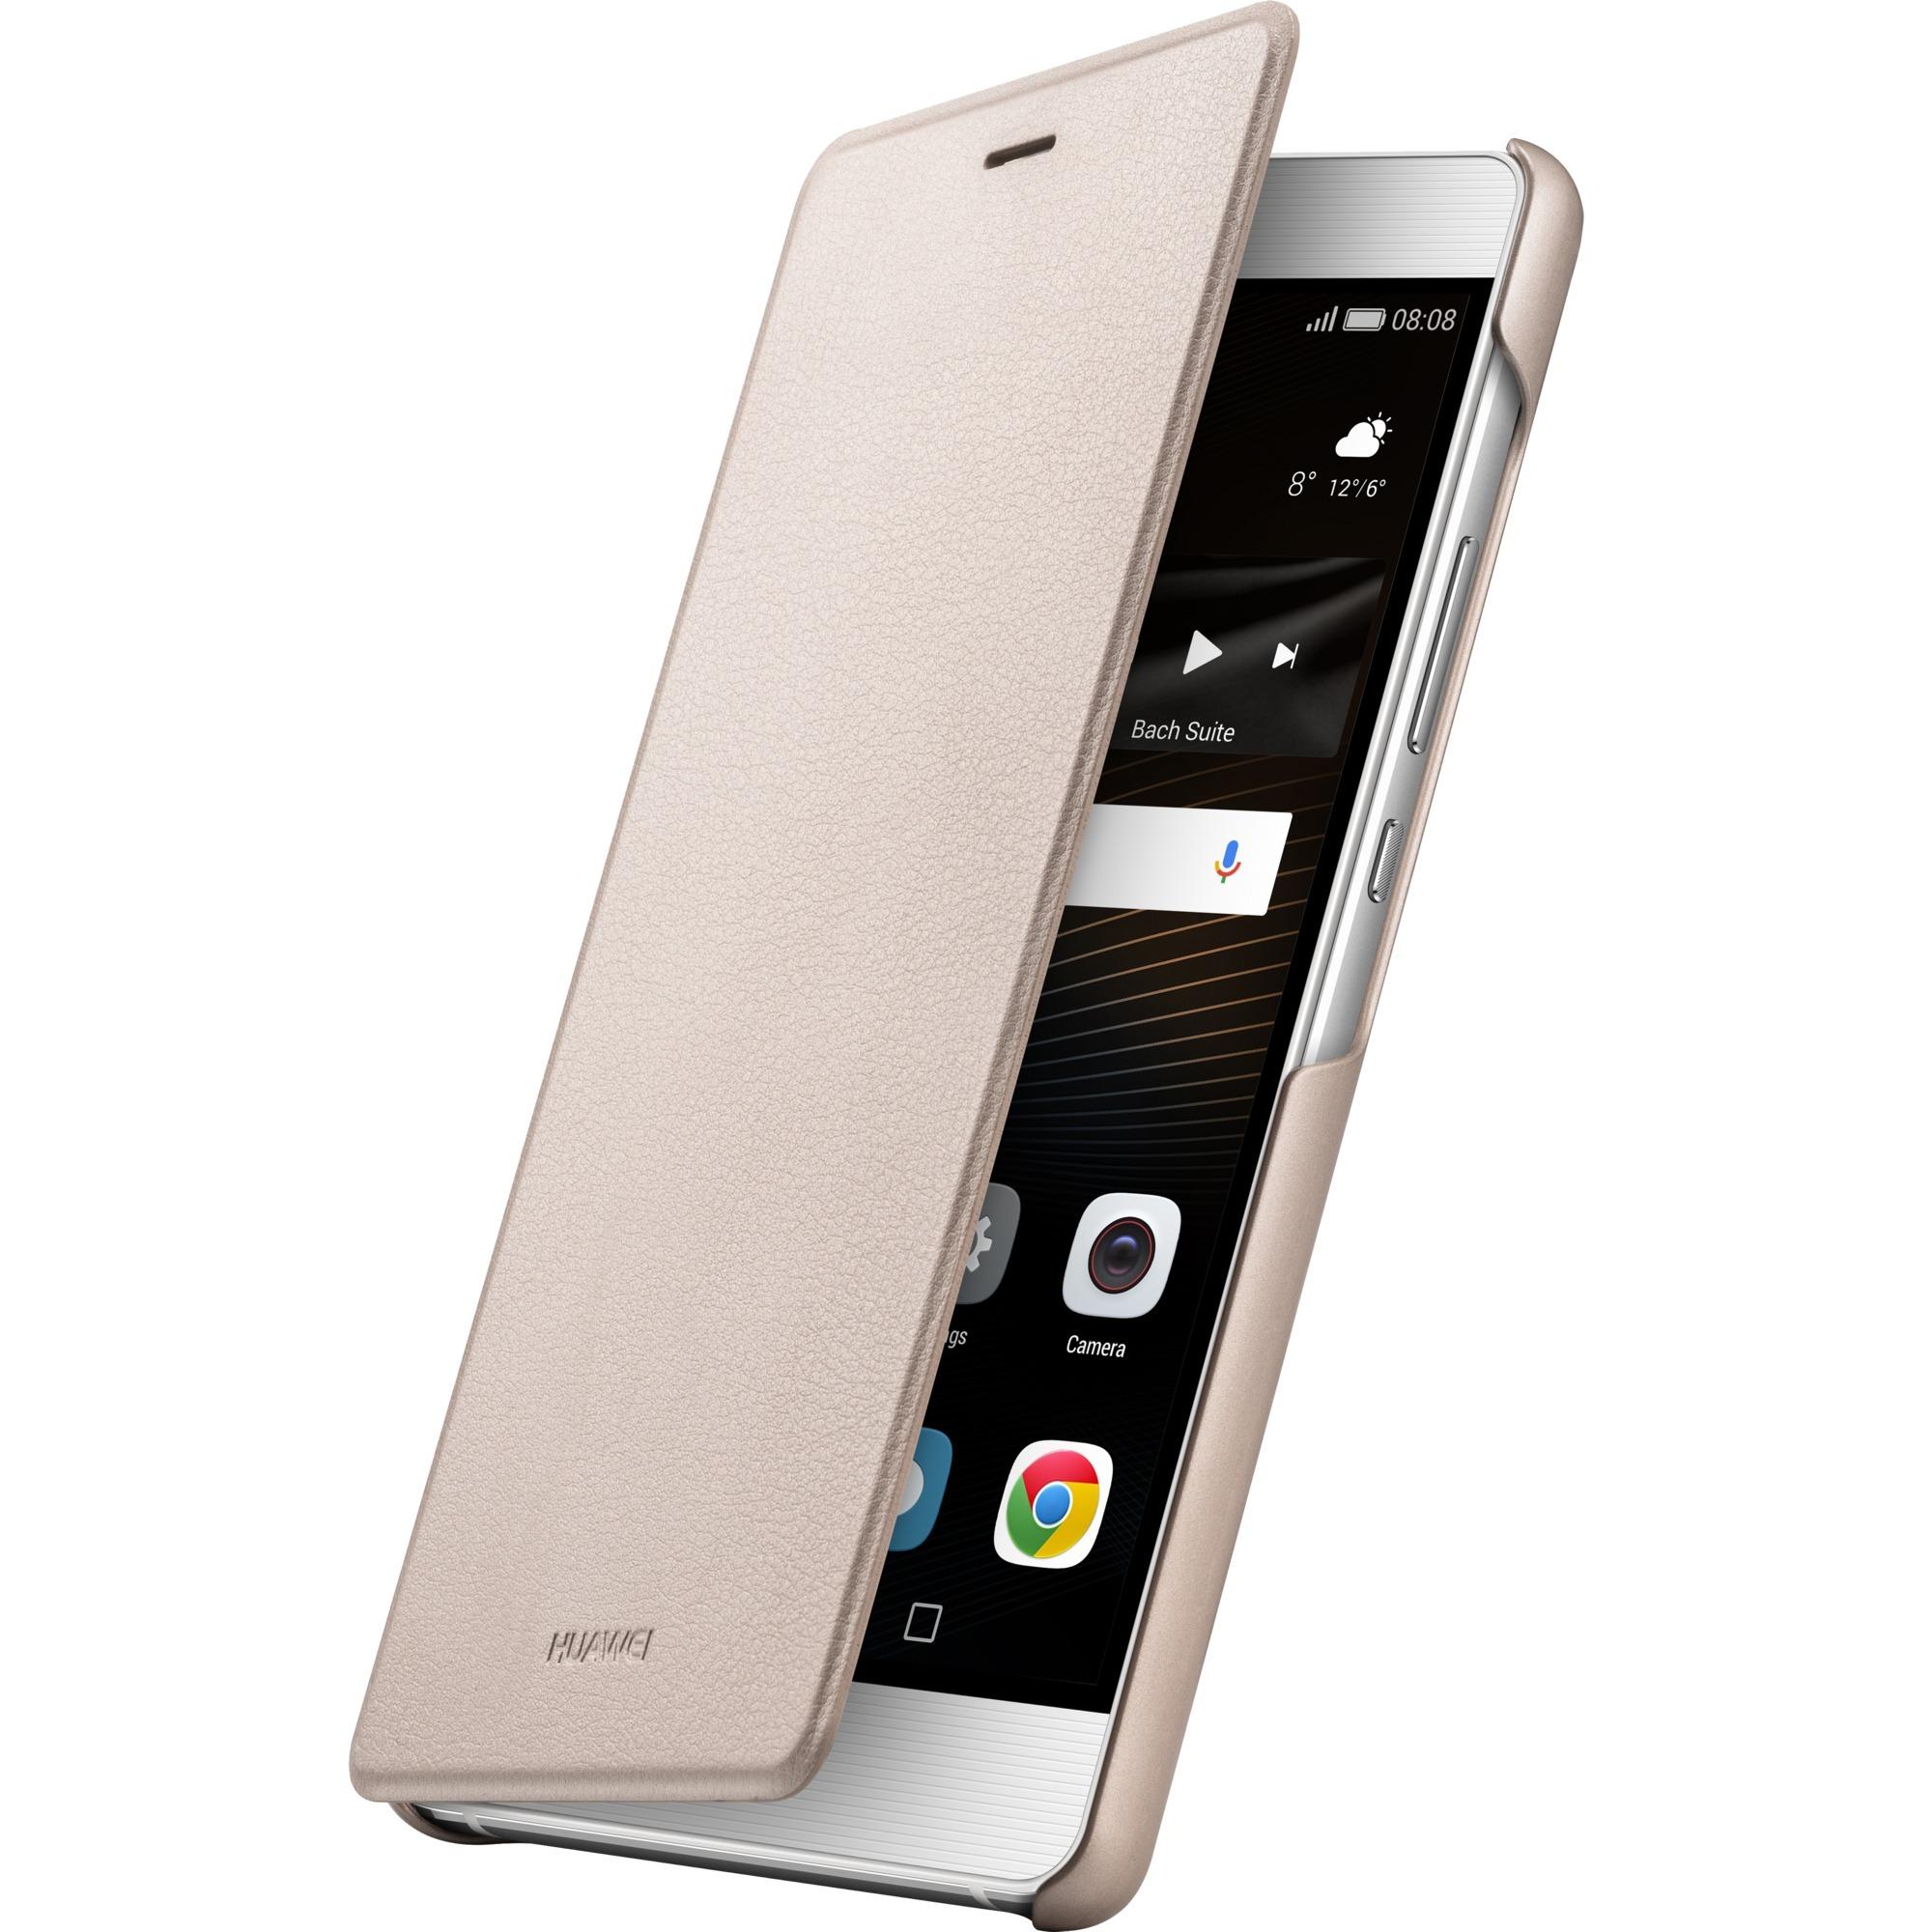 51991528 Housse Or Housse de protection pour téléphones portables, Étui de protection